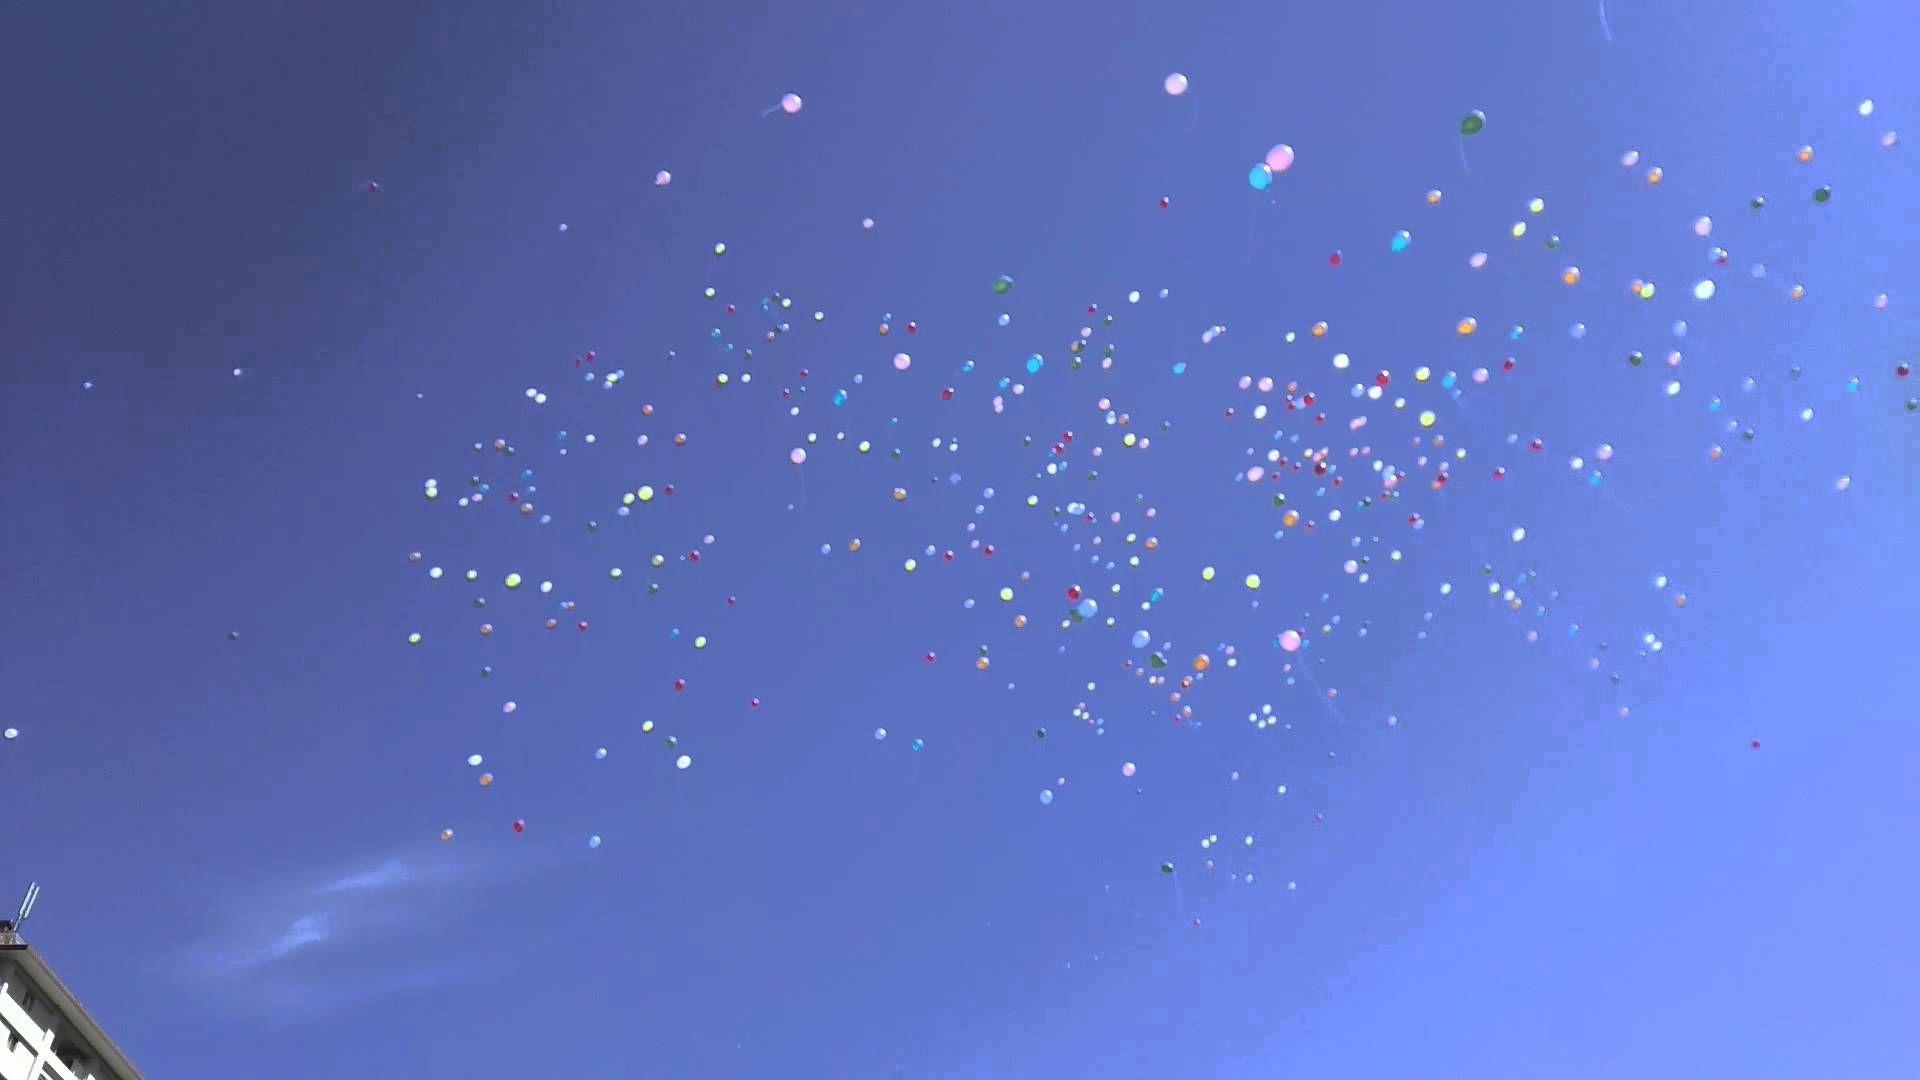 神戸市立花山小学校の運動会で行われたPTA主催による40周年記念セレモニーです。  600個の風船を青空に向かって一斉に放ちました。